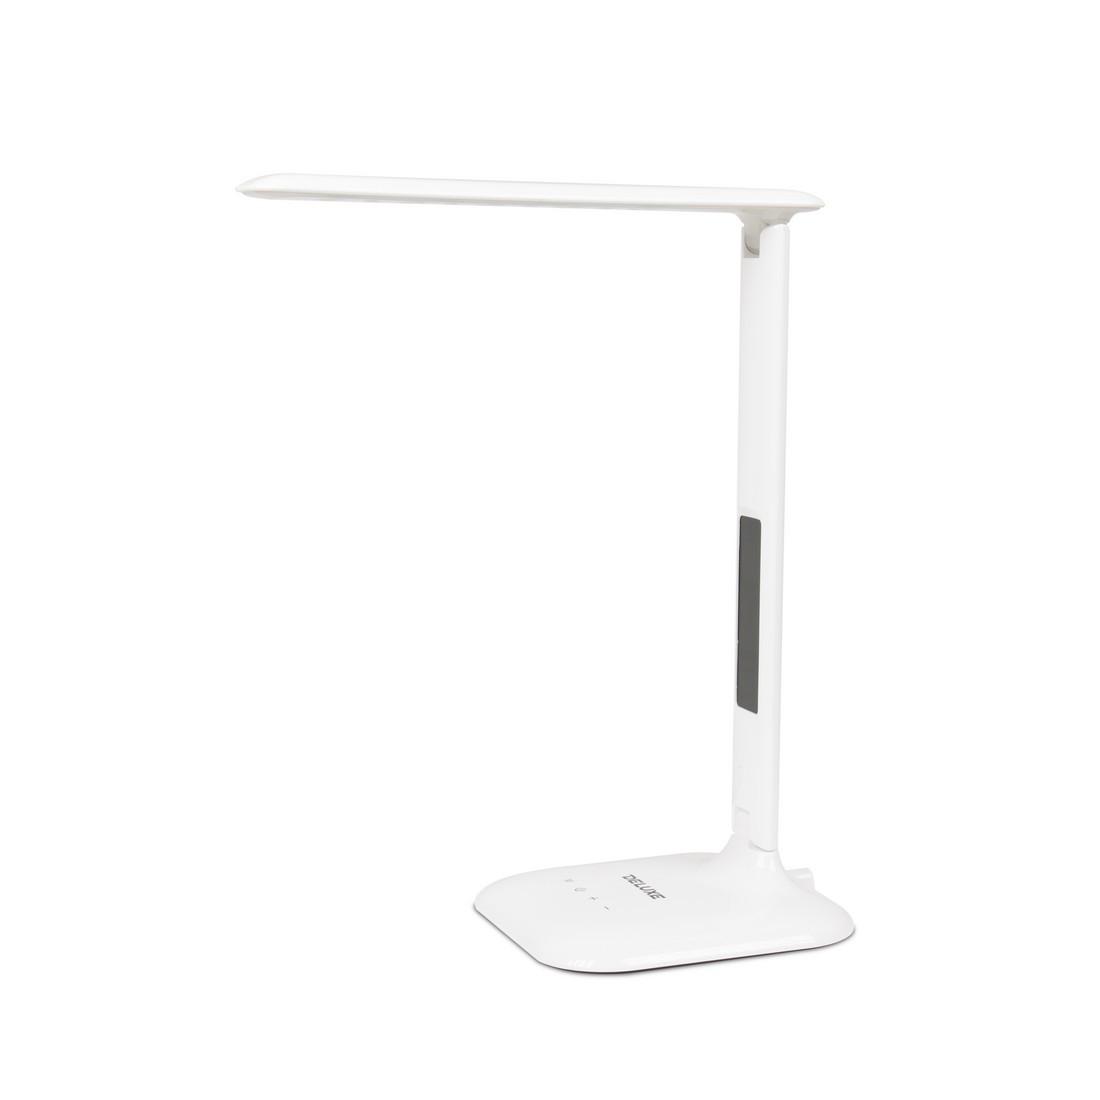 Настольная светодиодная лампа Deluxe DLTL-306W-9W